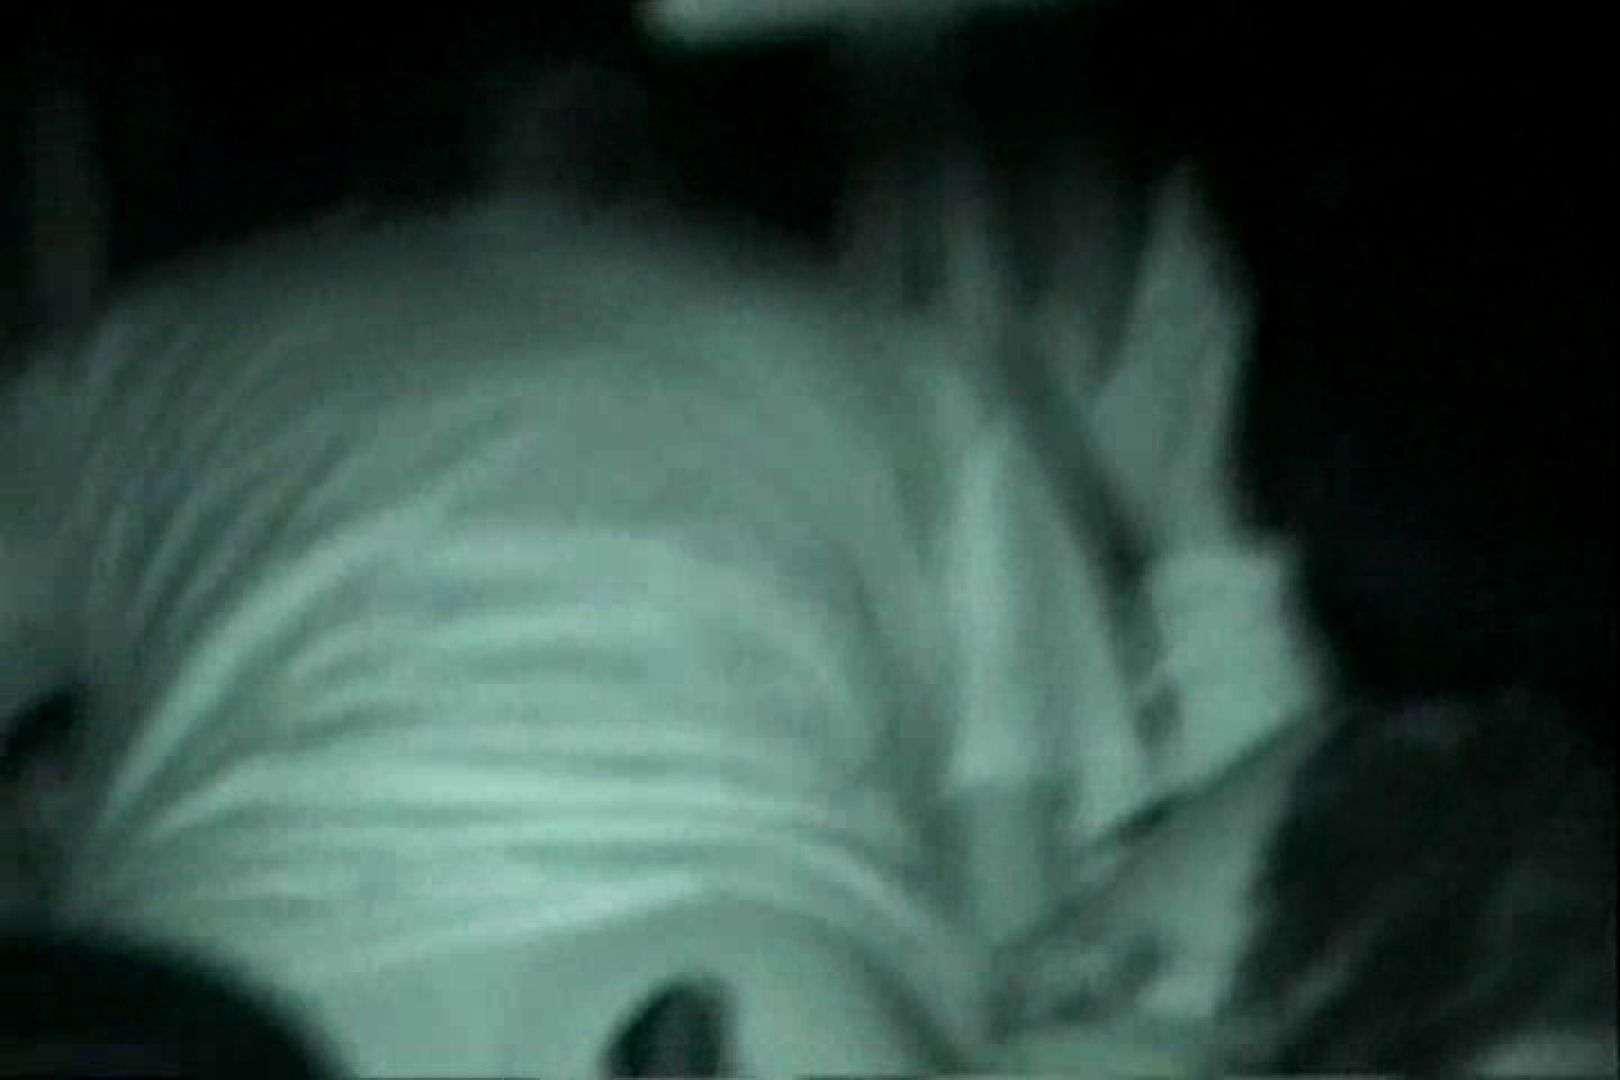 充血監督の深夜の運動会Vol.126 フェラ無修正 AV無料動画キャプチャ 84画像 83